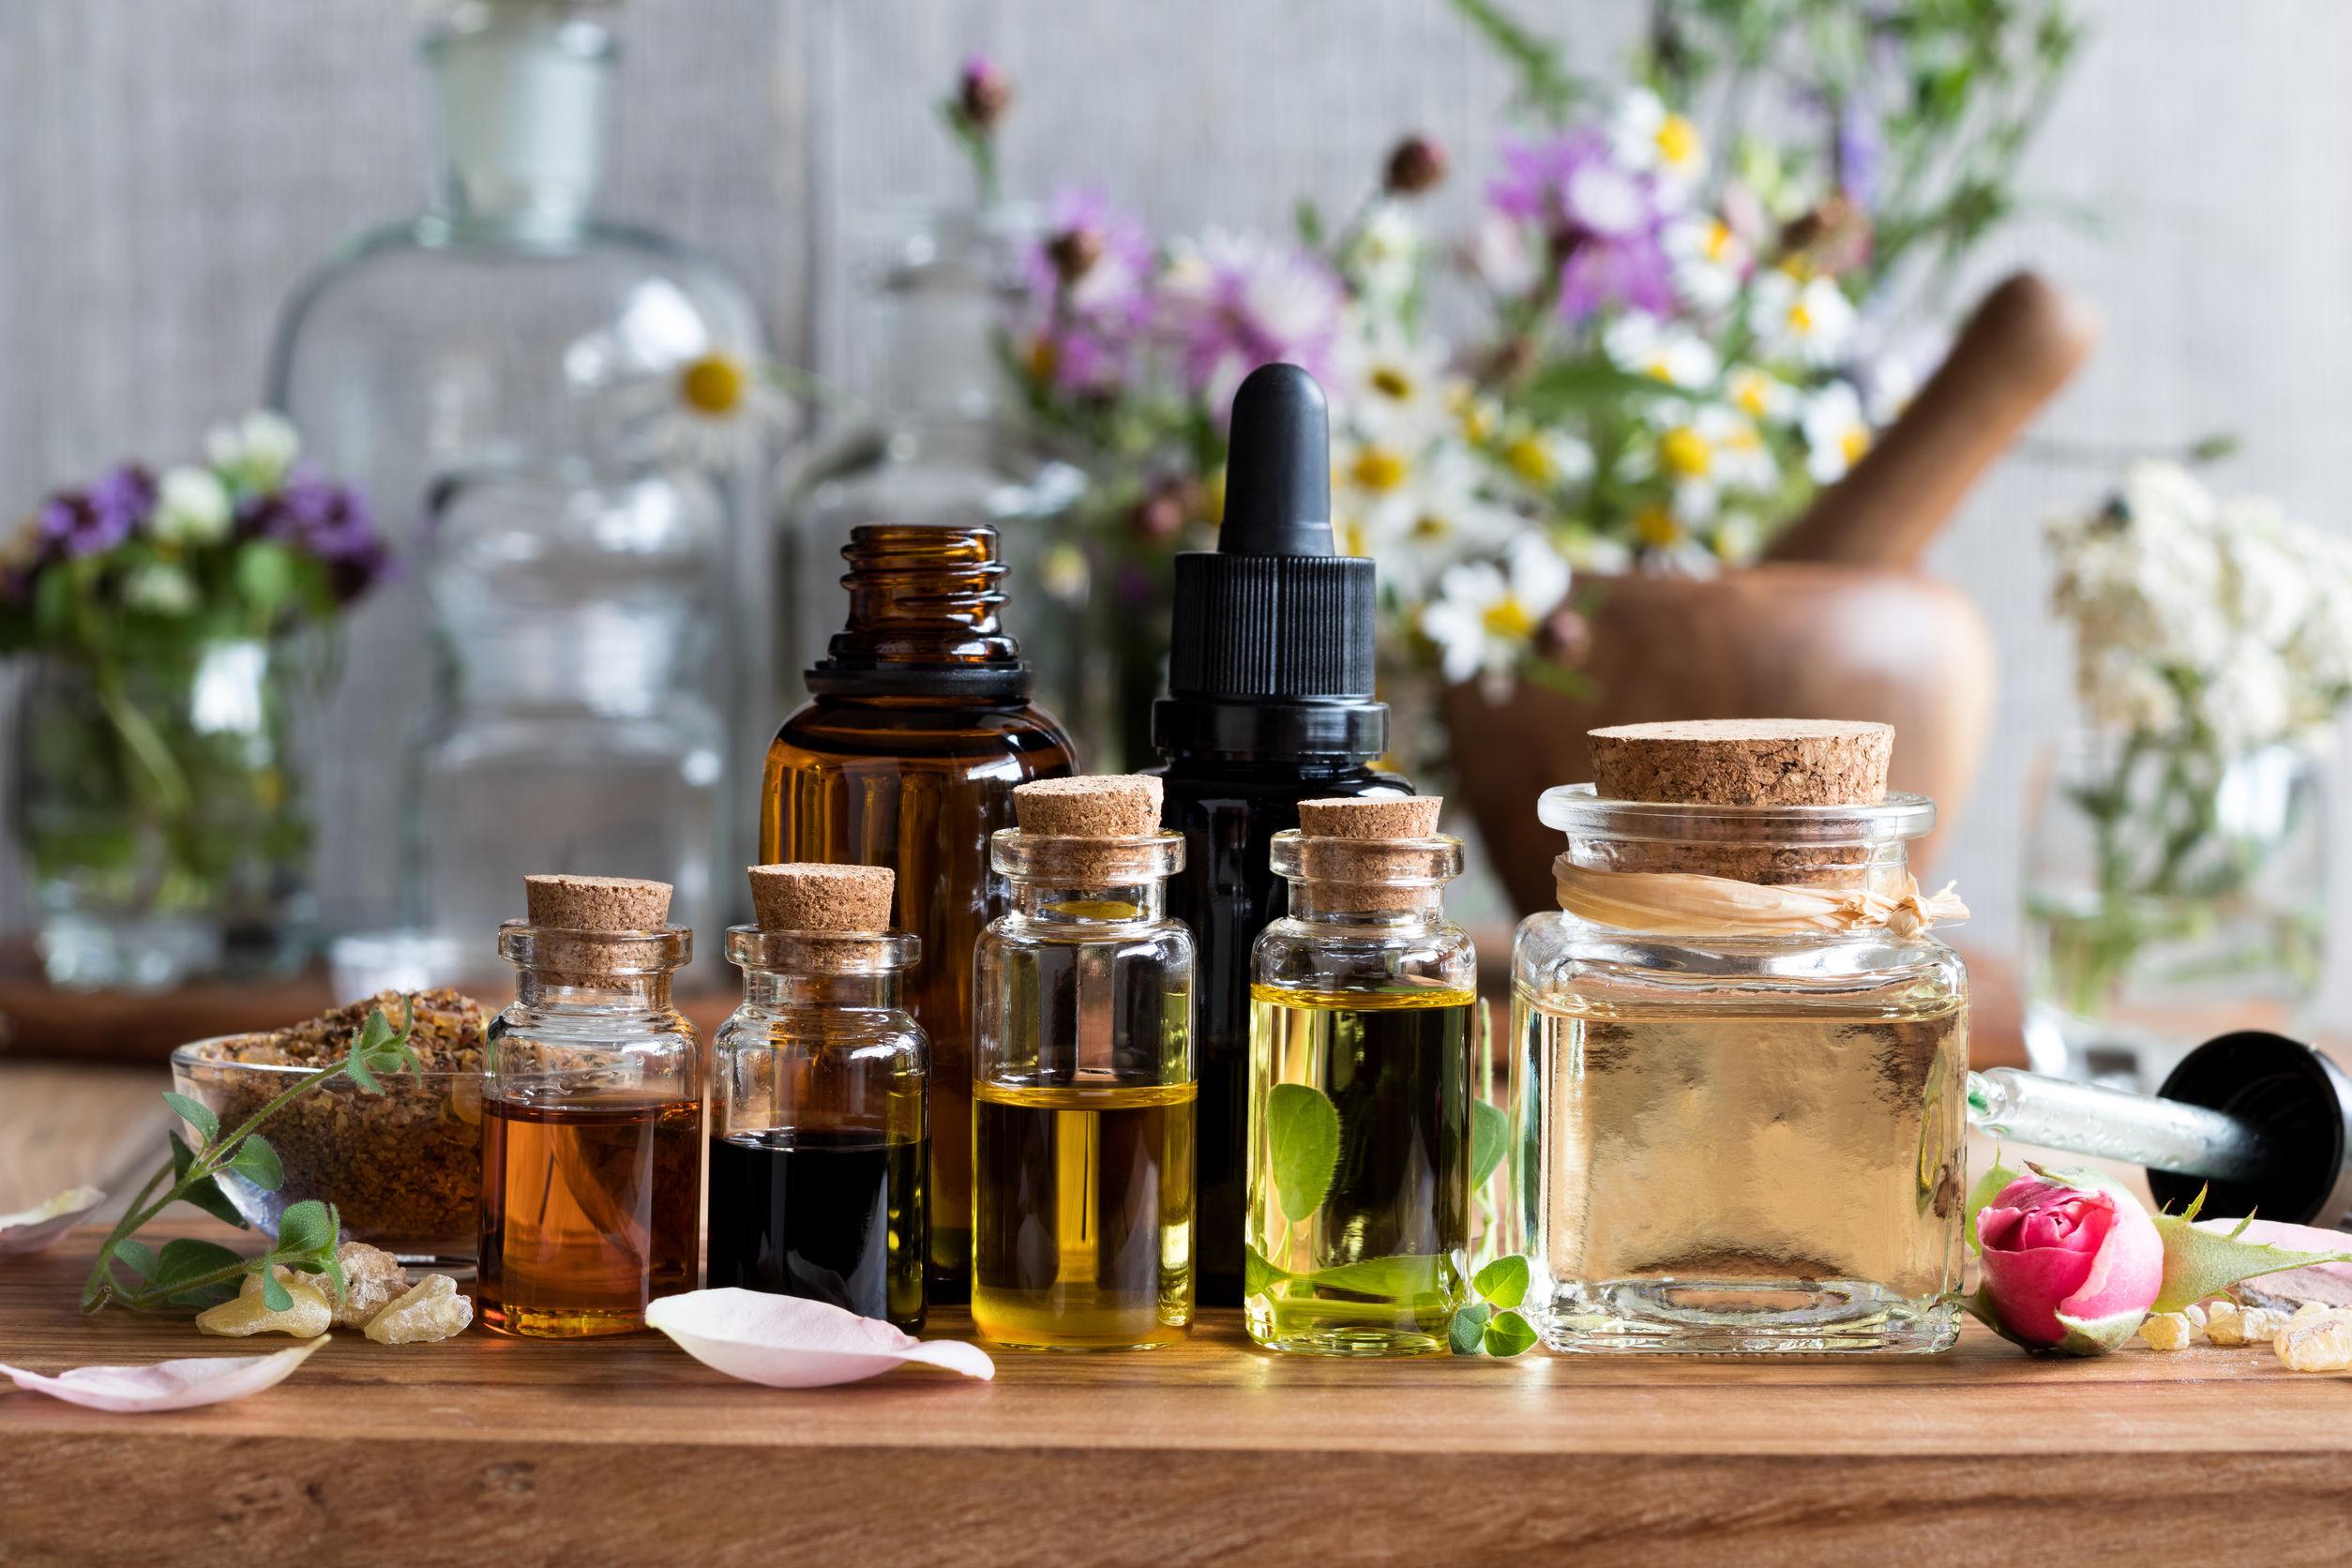 aceites esenciales de diferentes